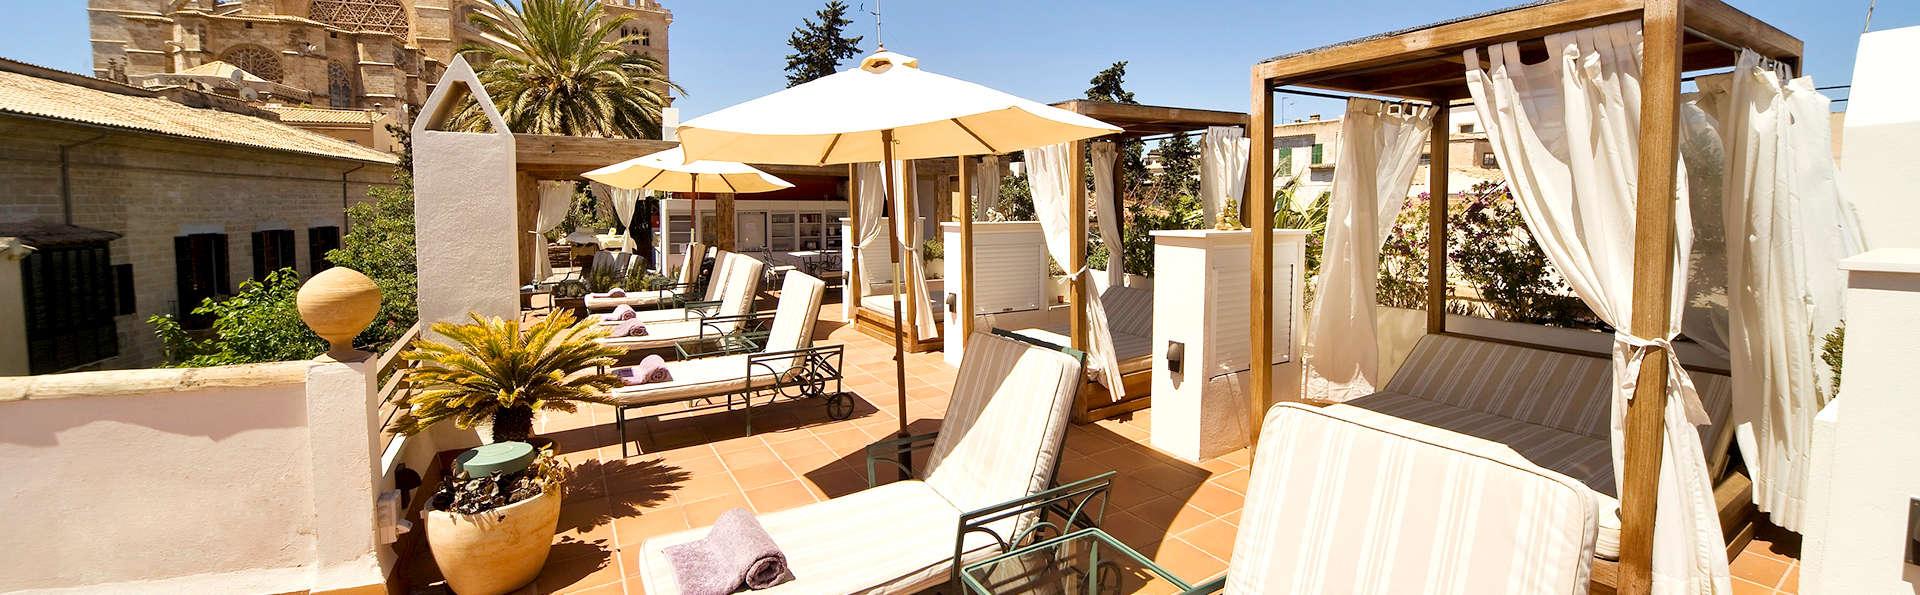 Hotel Palacio Ca Sa Galesa - Edit_Terrace4.jpg